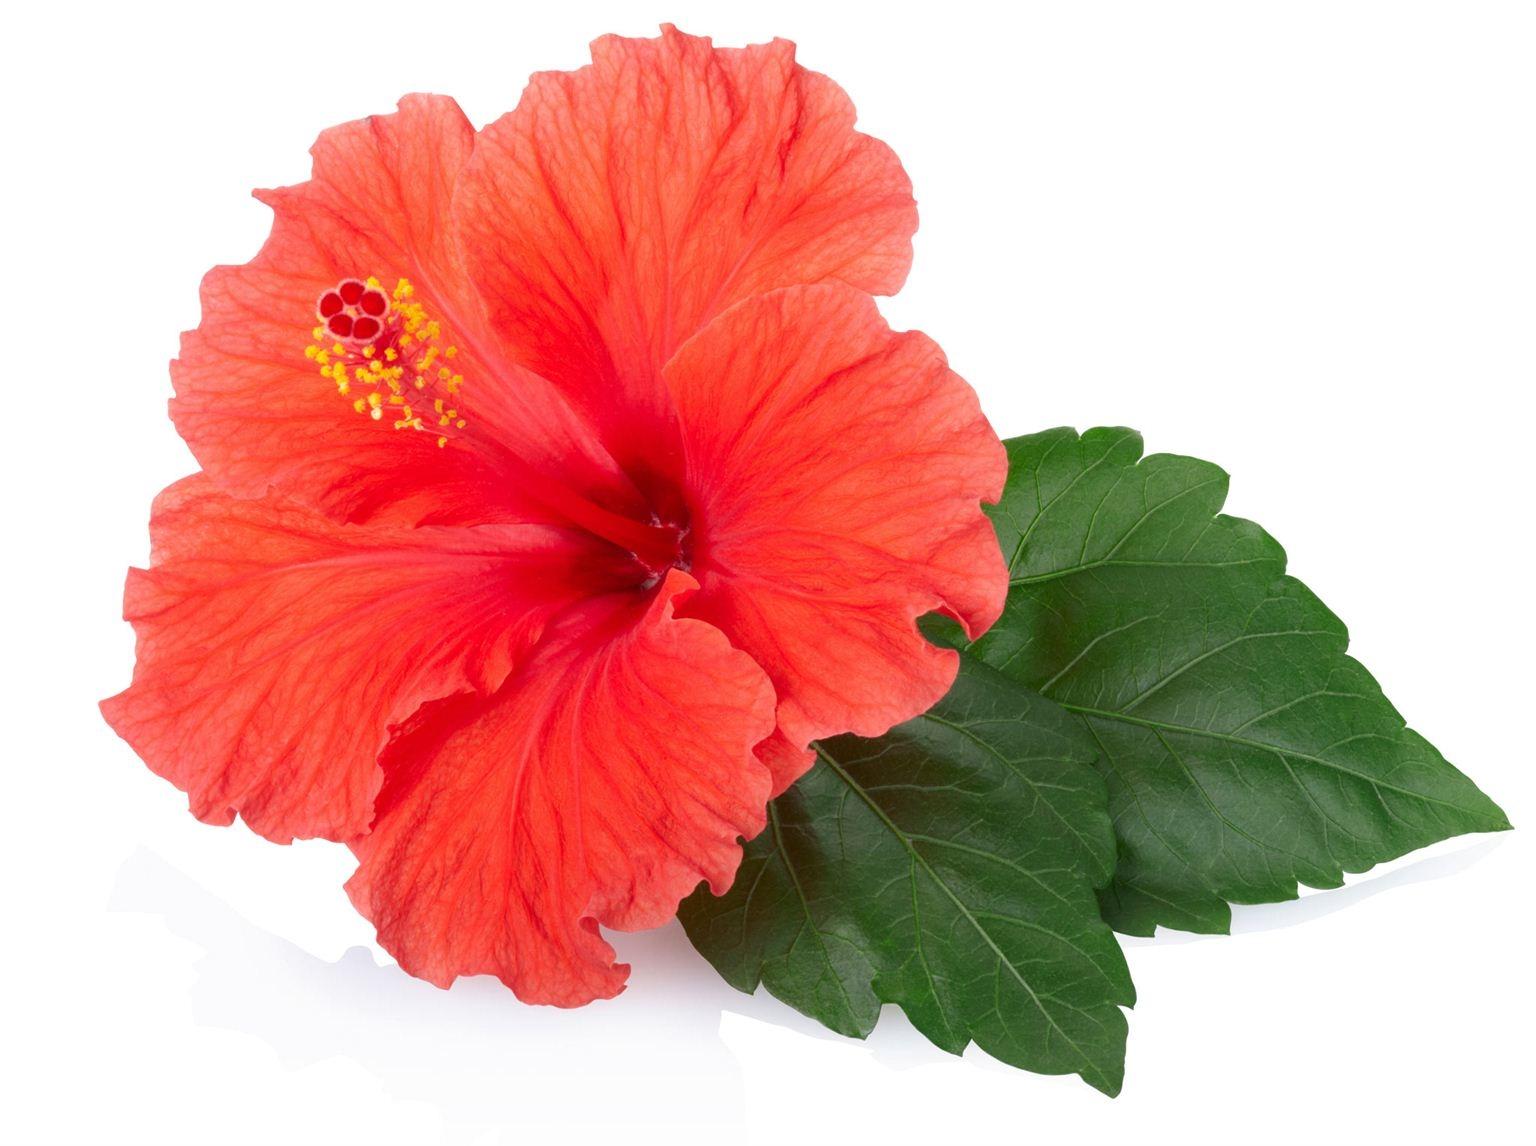 la fleur d hibiscus reine des antioxydants prot gez. Black Bedroom Furniture Sets. Home Design Ideas